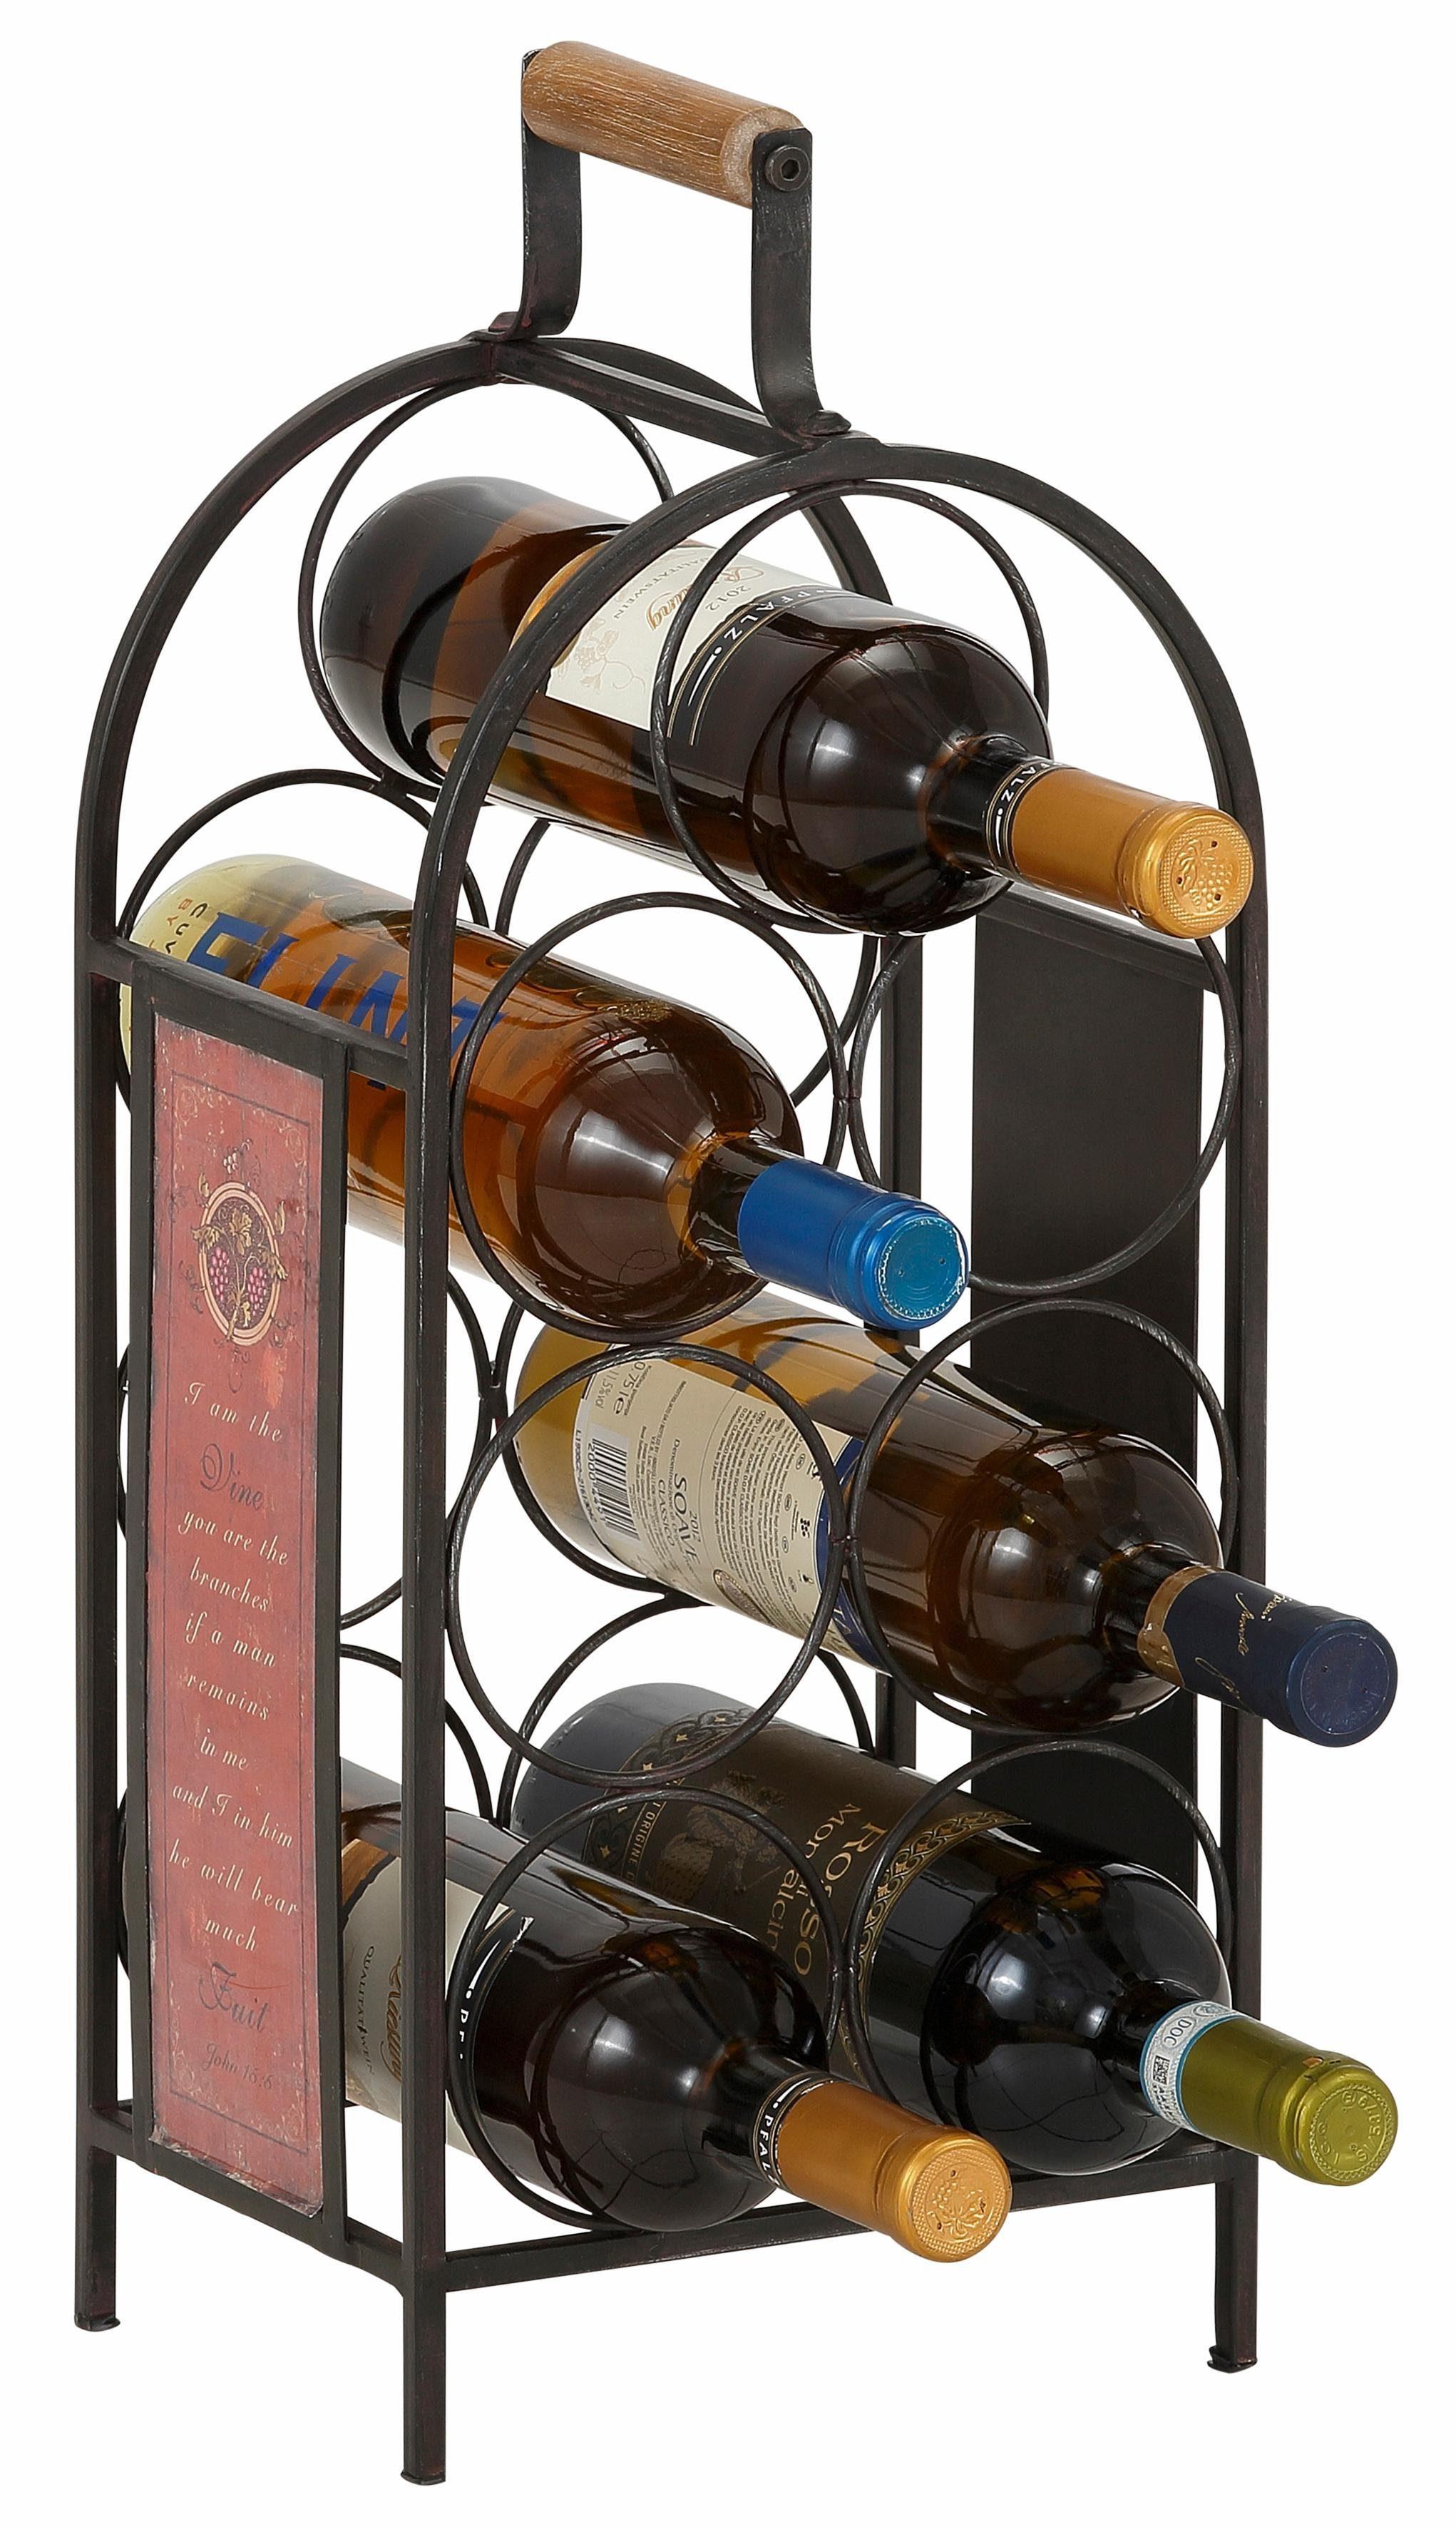 Home affaire Flaschenhalter für 7 Flaschen